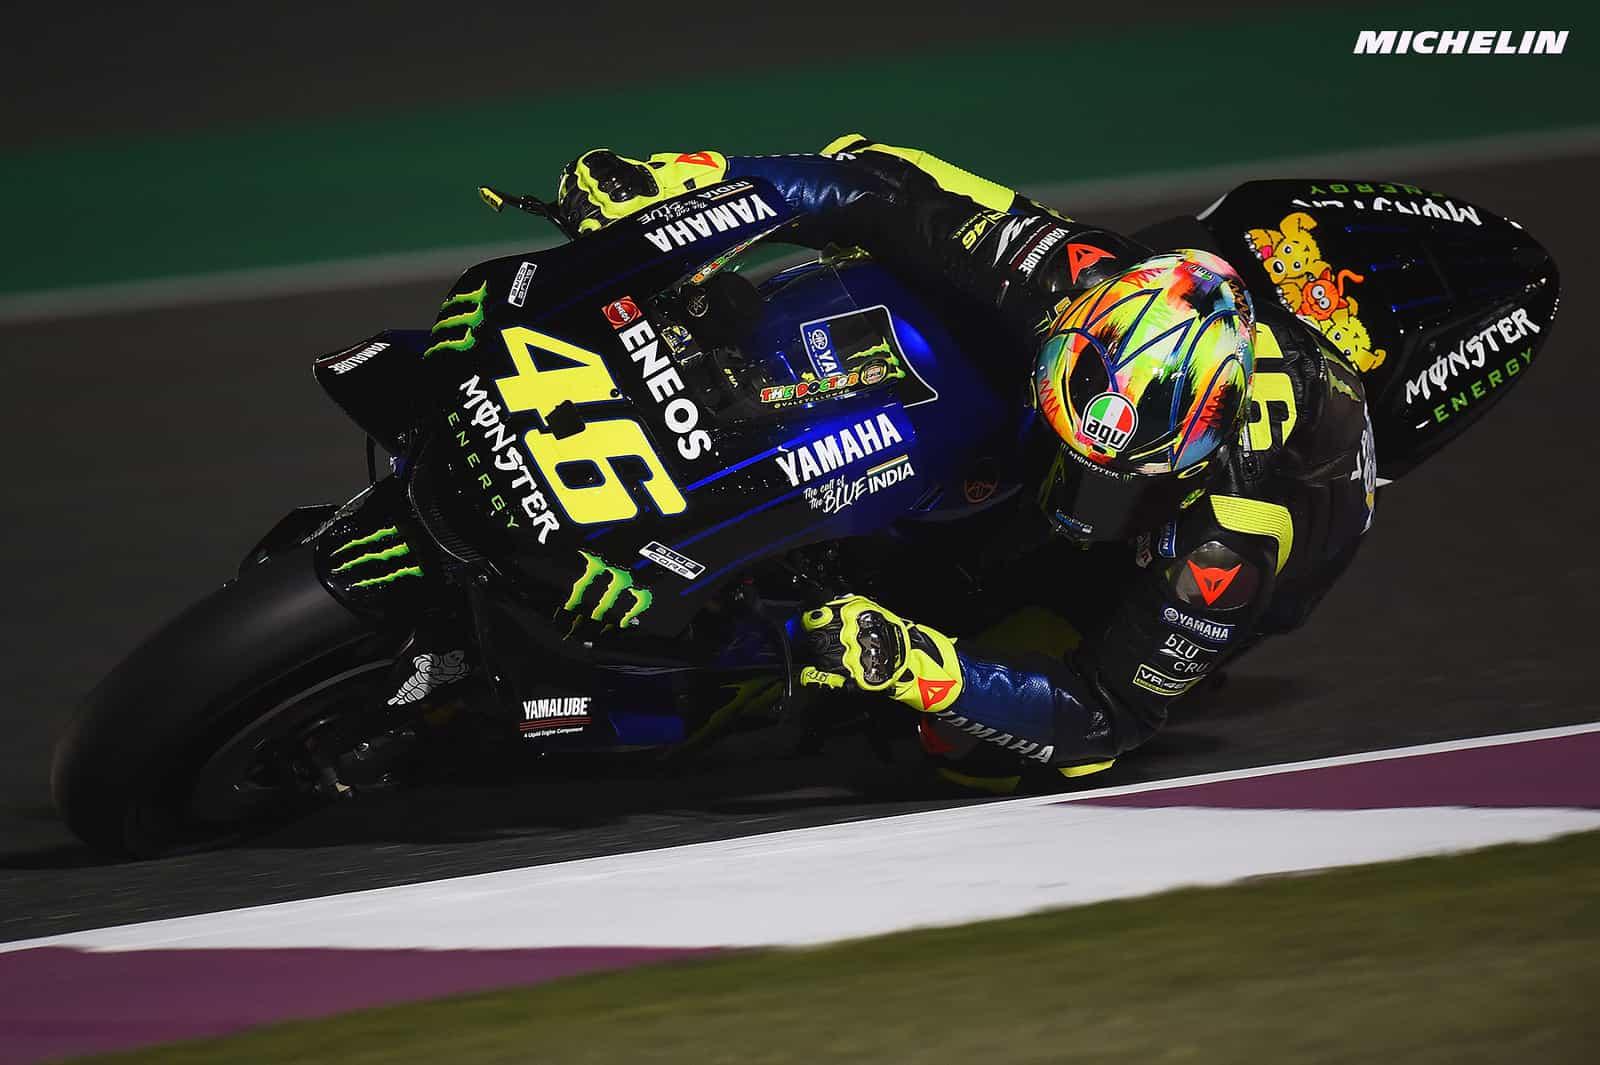 カタールテスト3日目 バレンティーノ ロッシ ストレートスピードの差が心配 気になるバイクニュース